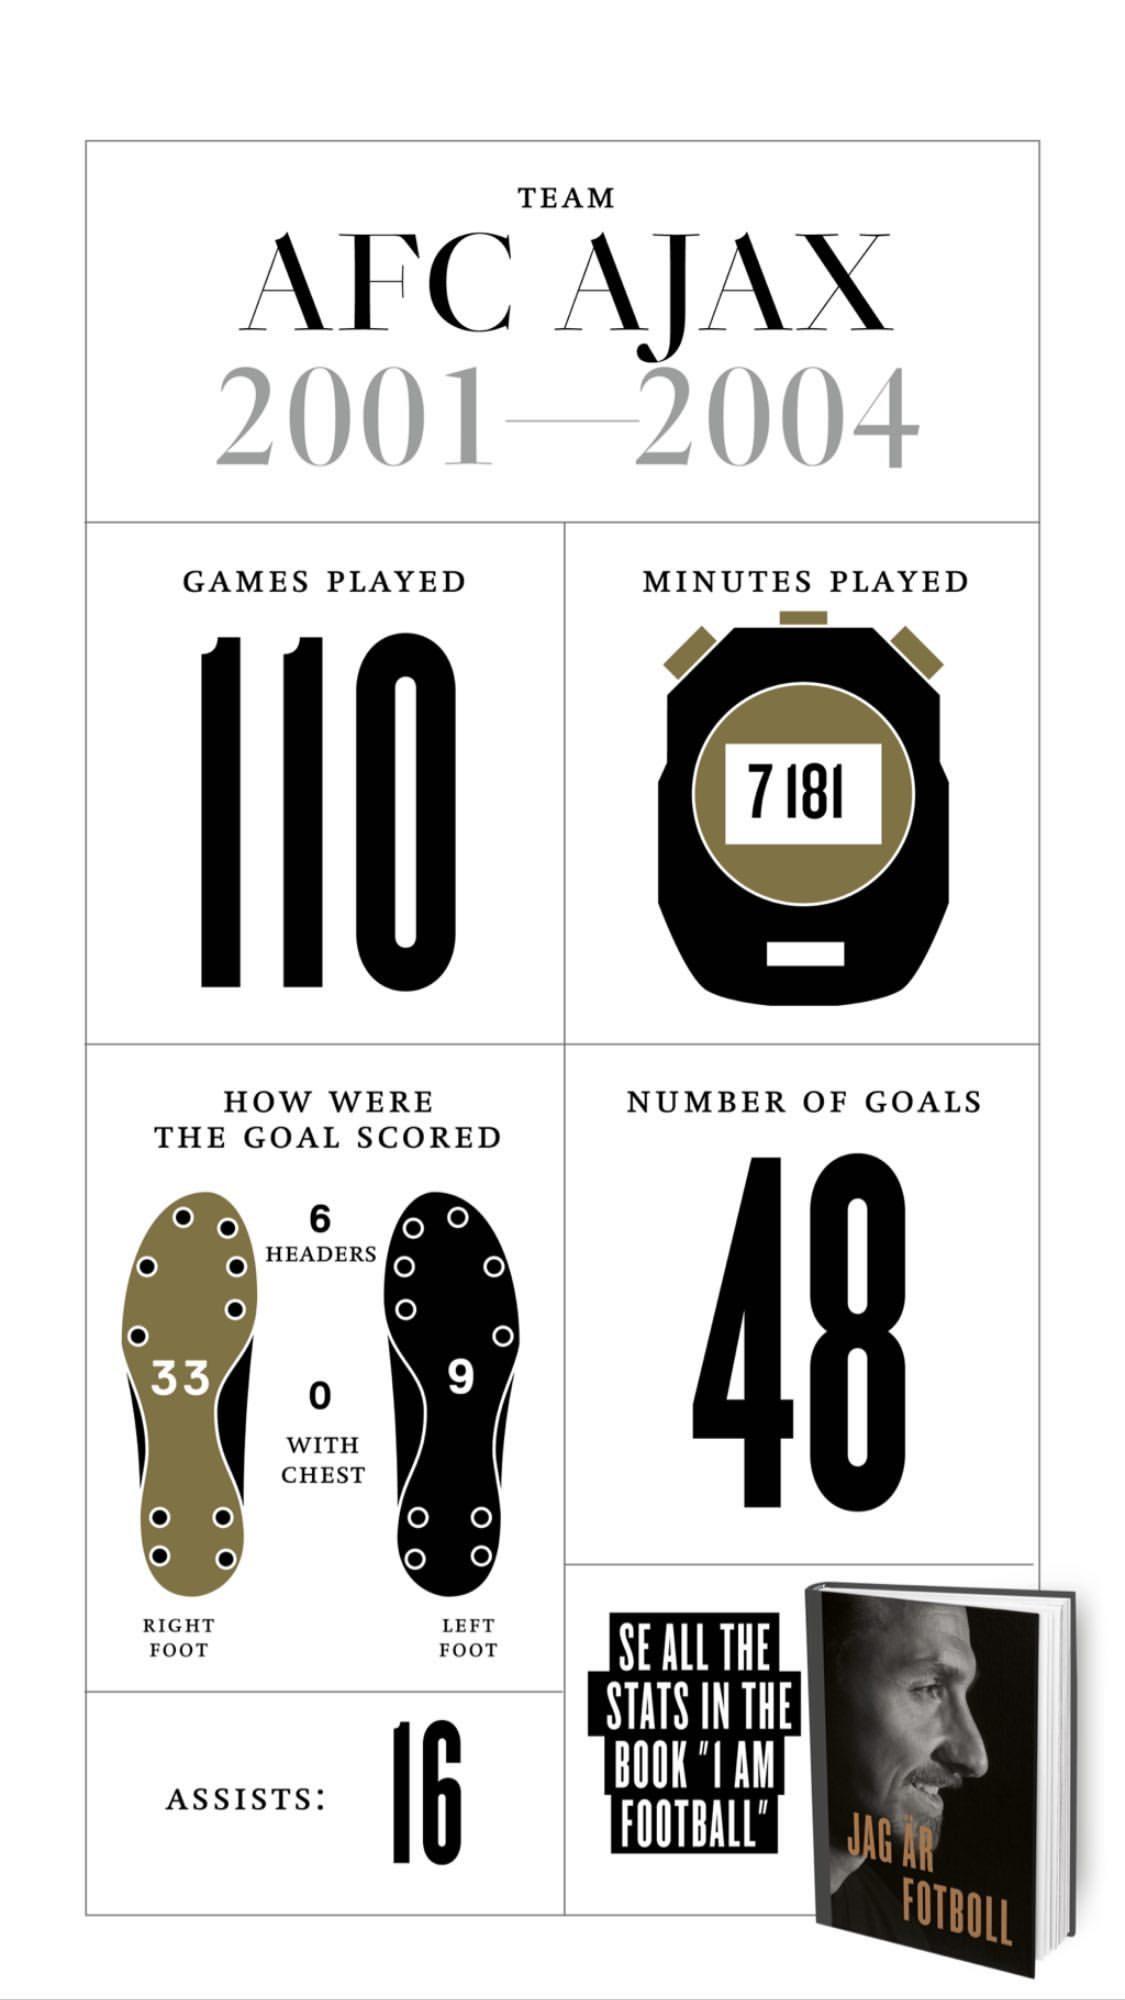 Златистика: интересные цифры Златана Ибрагимовича (Фото) - изображение 2